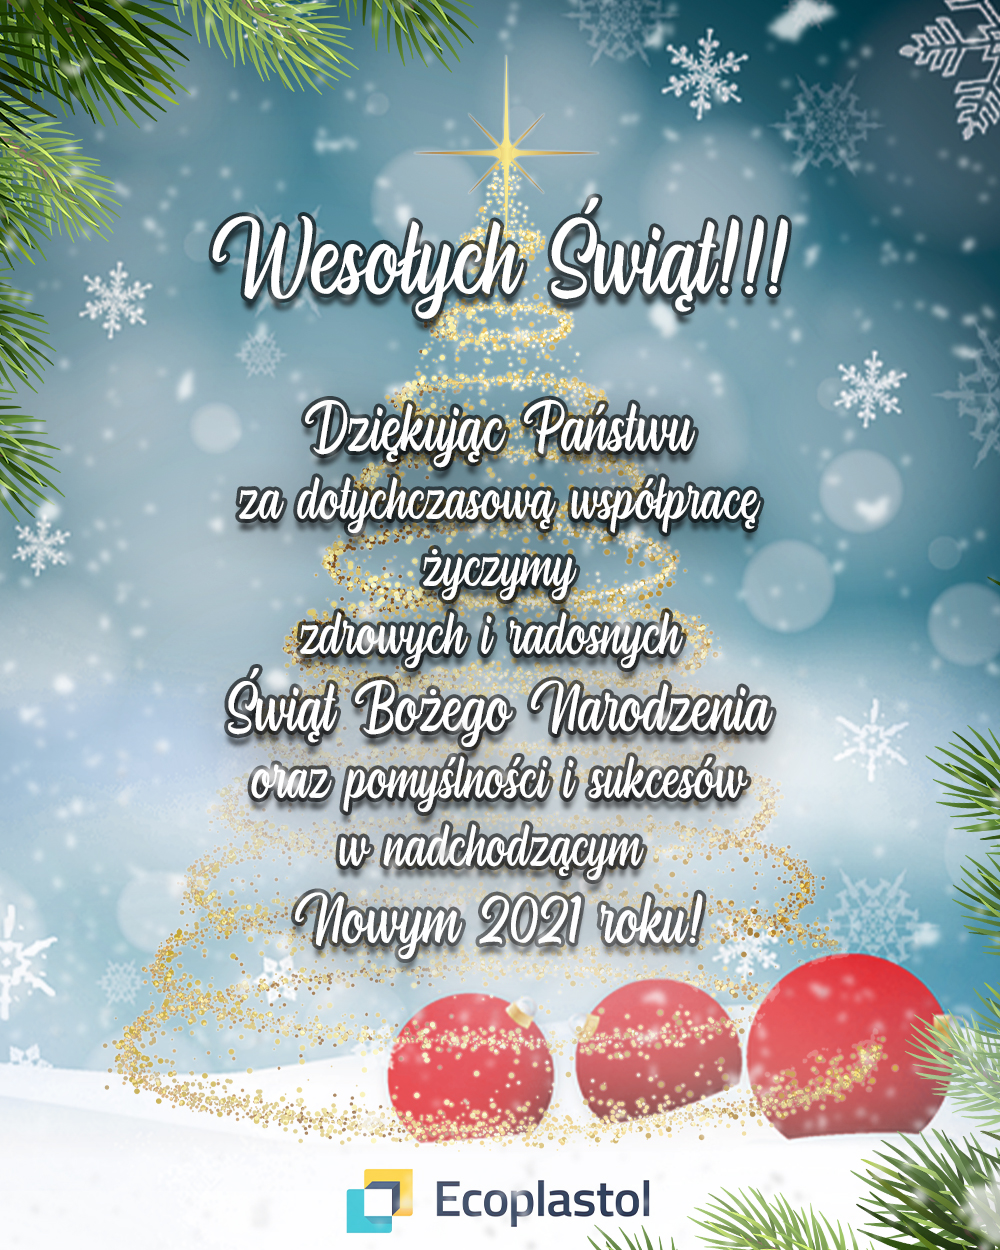 Wesołych Świąt Bożego Narodzenia oraz Szczęśliwego Nowego Roku